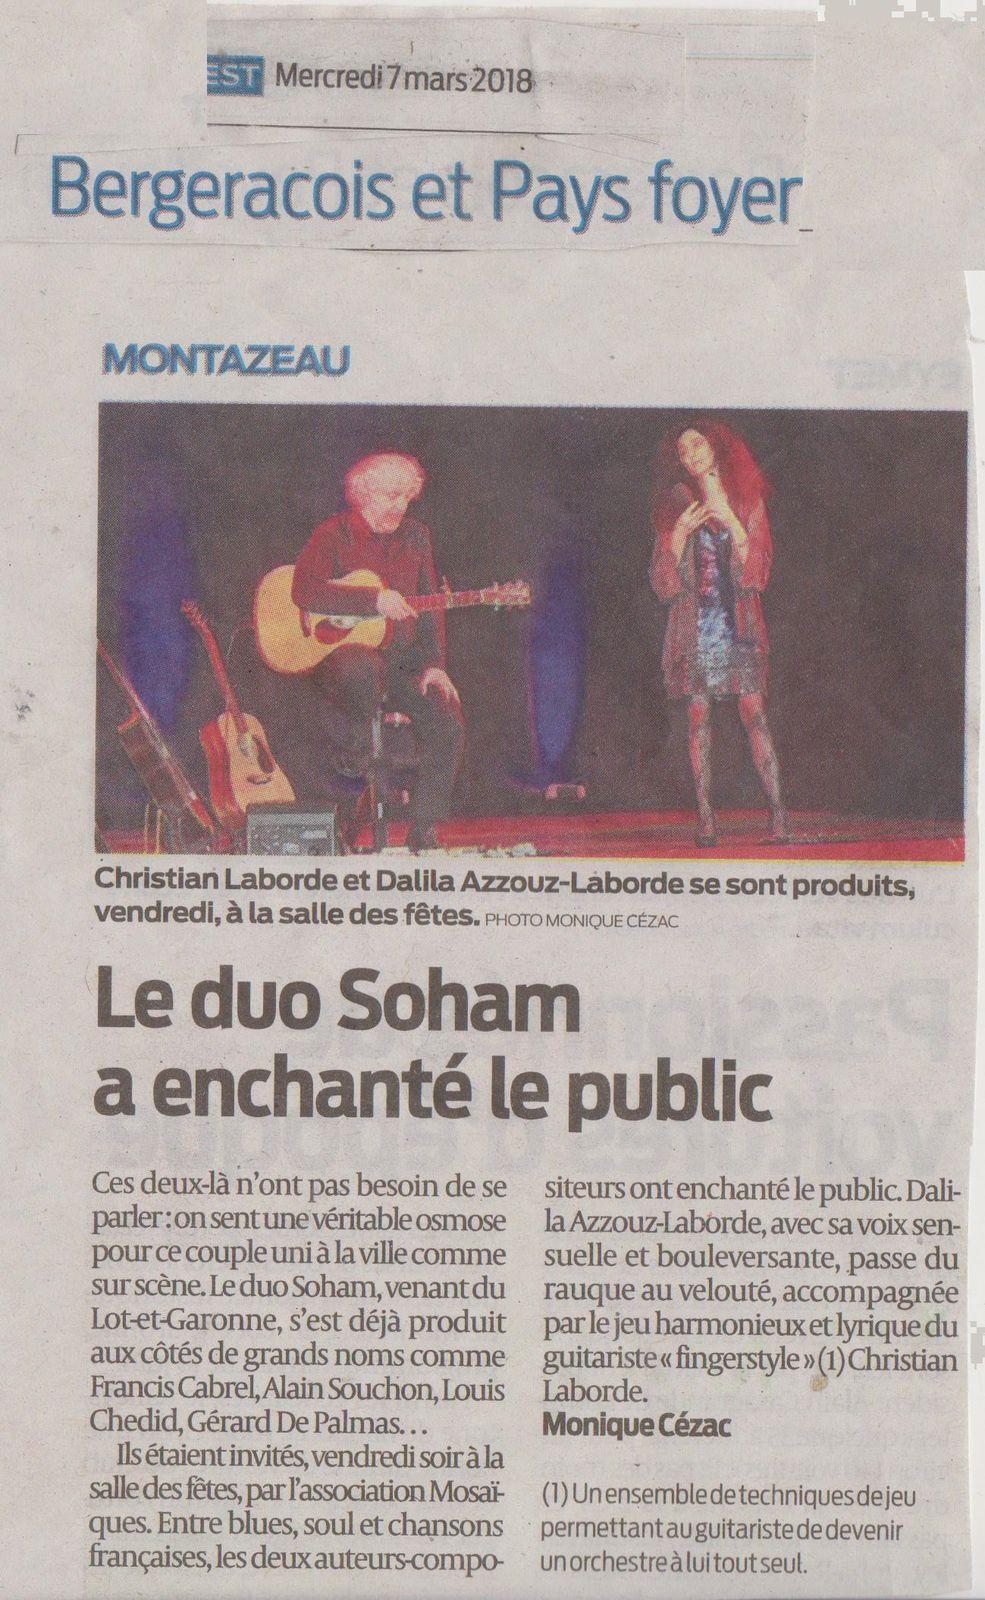 """"""" SOHAM """" Spectacle Enchanteur pour Public Enchanté : la Presse en parle..."""